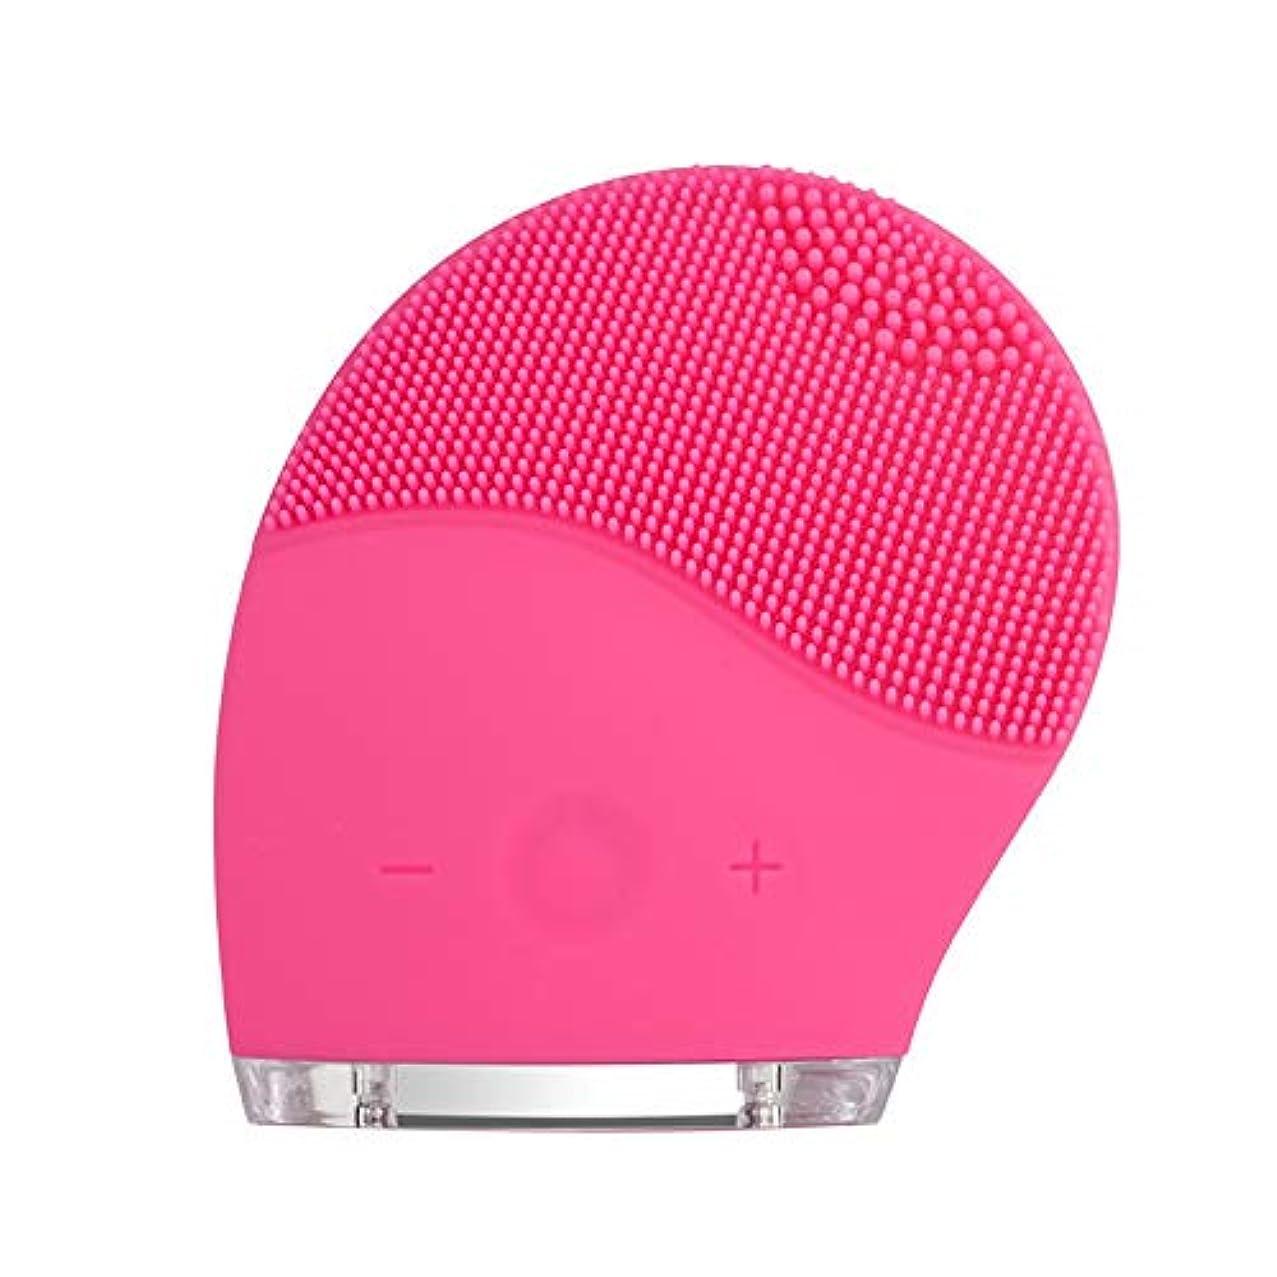 顔料液化するレジデンスkaixi 2019最新のシリコーンクレンジング楽器洗浄ブラシ電気美容器具毛穴きれいな柔らかい髪振動充電式洗浄アーティファクト